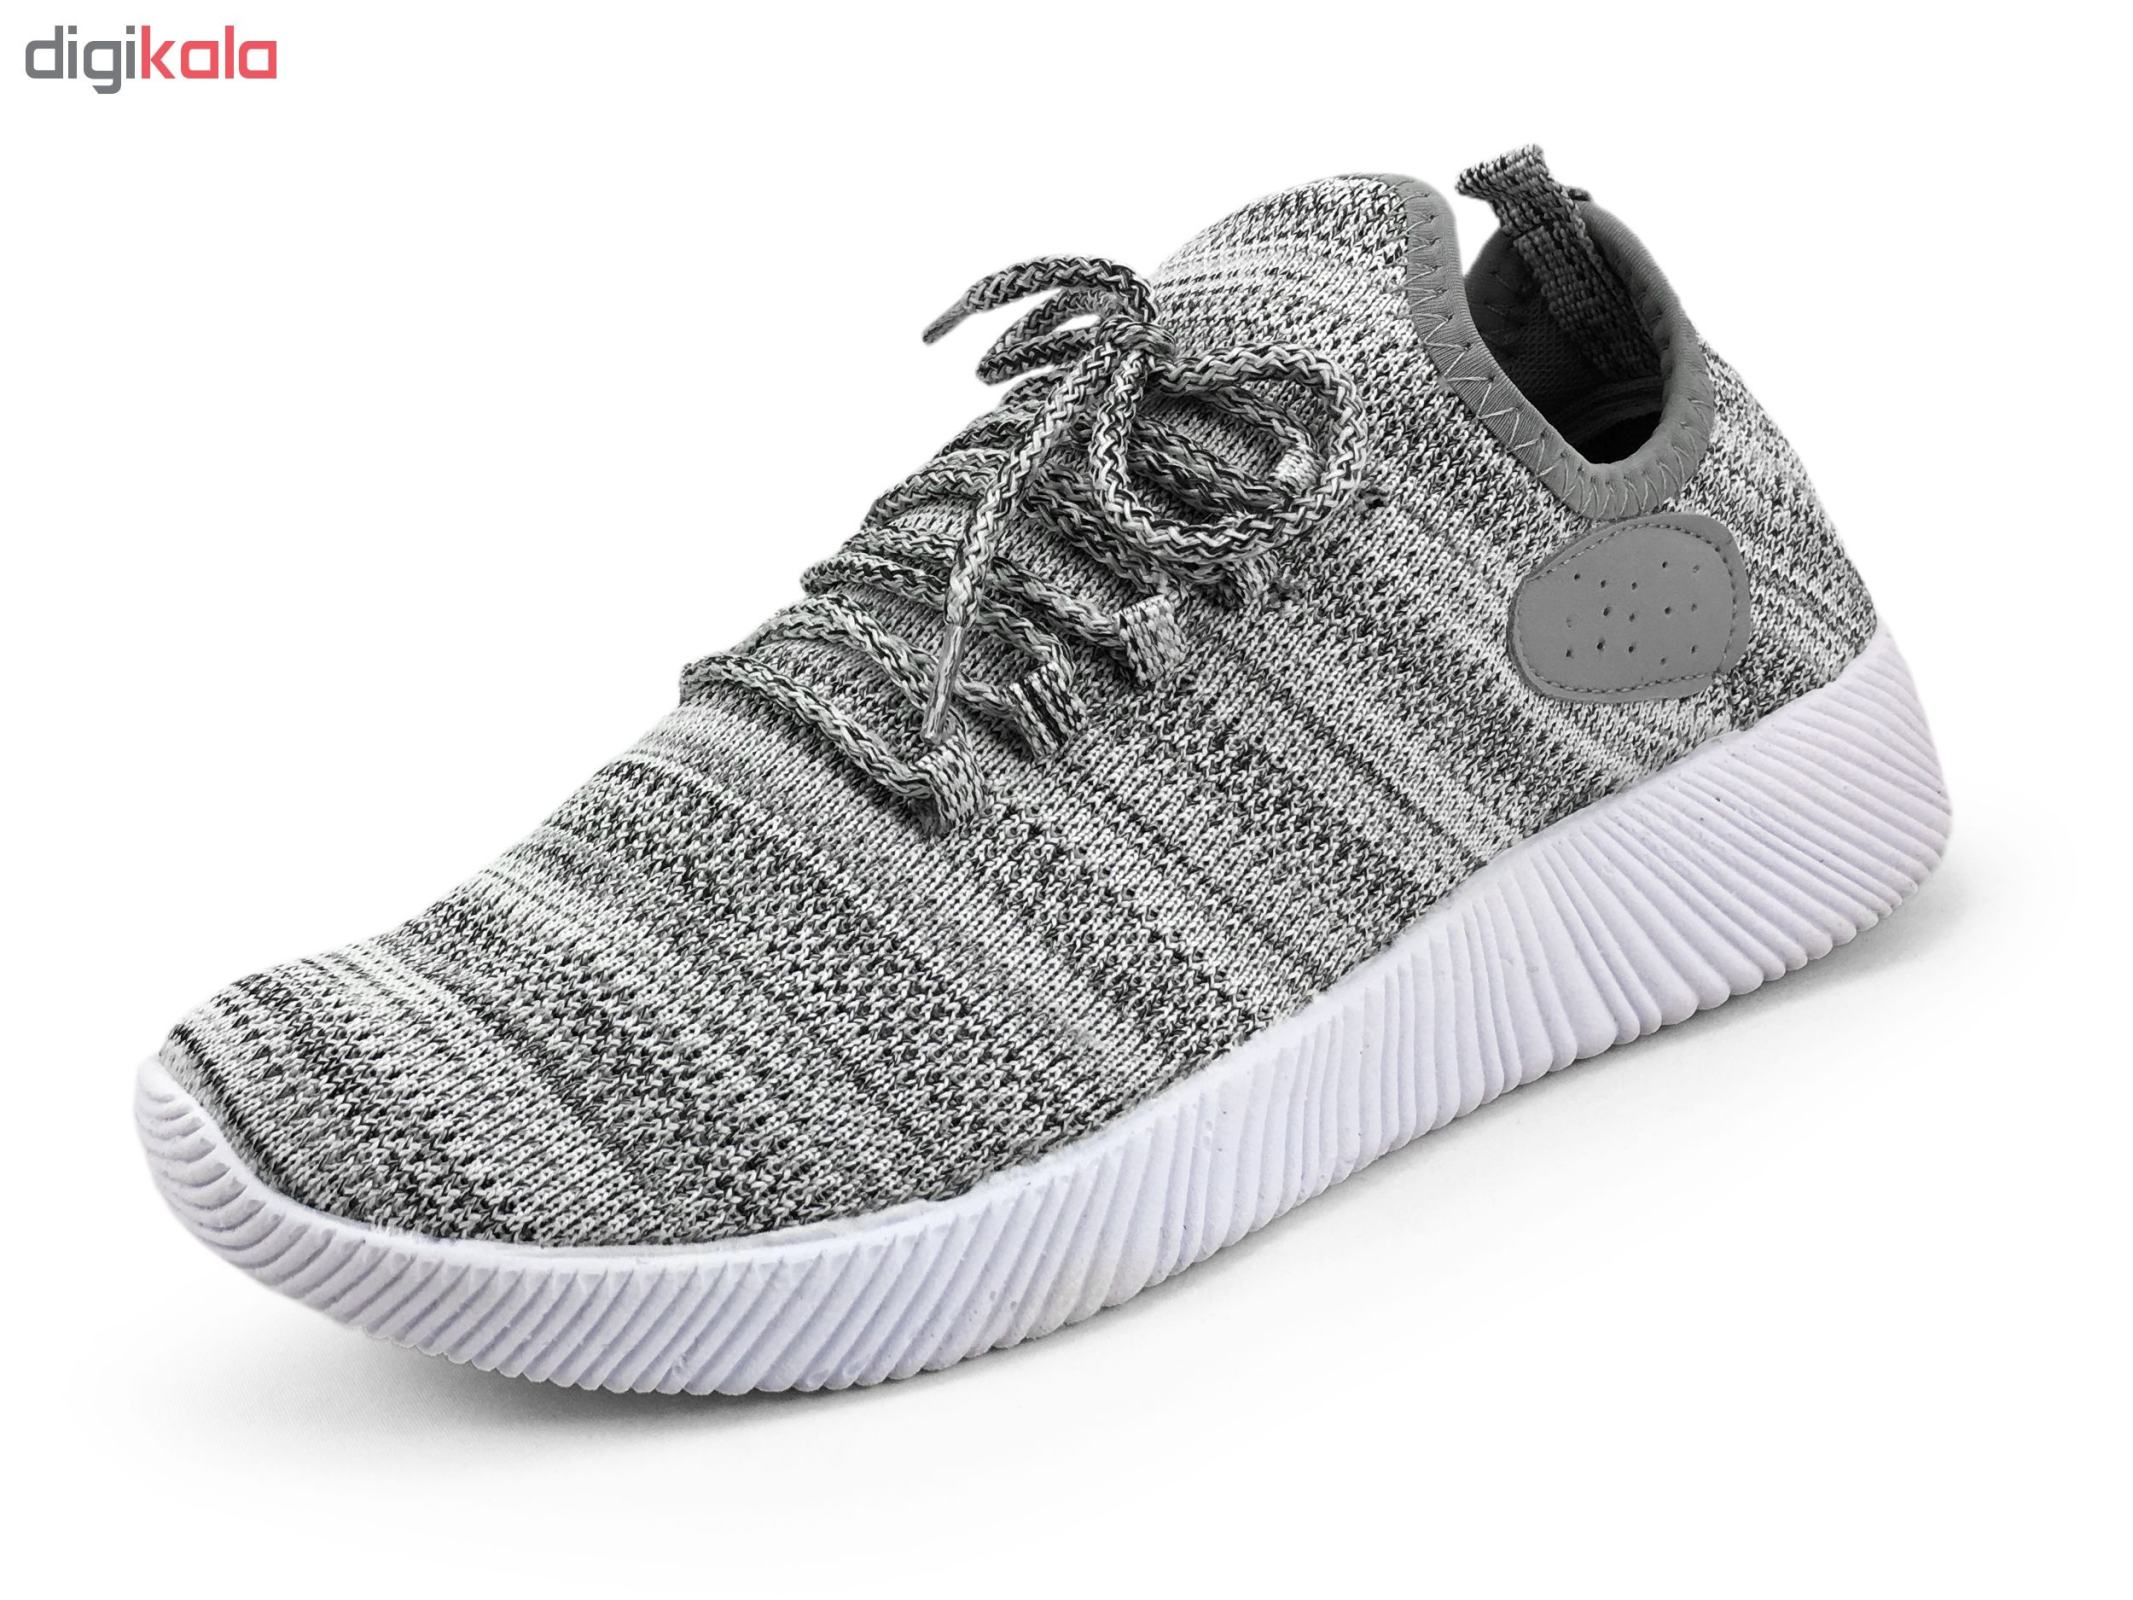 کفش مخصوص دویدن مردانه مدل اسکای کد 4105 main 1 2